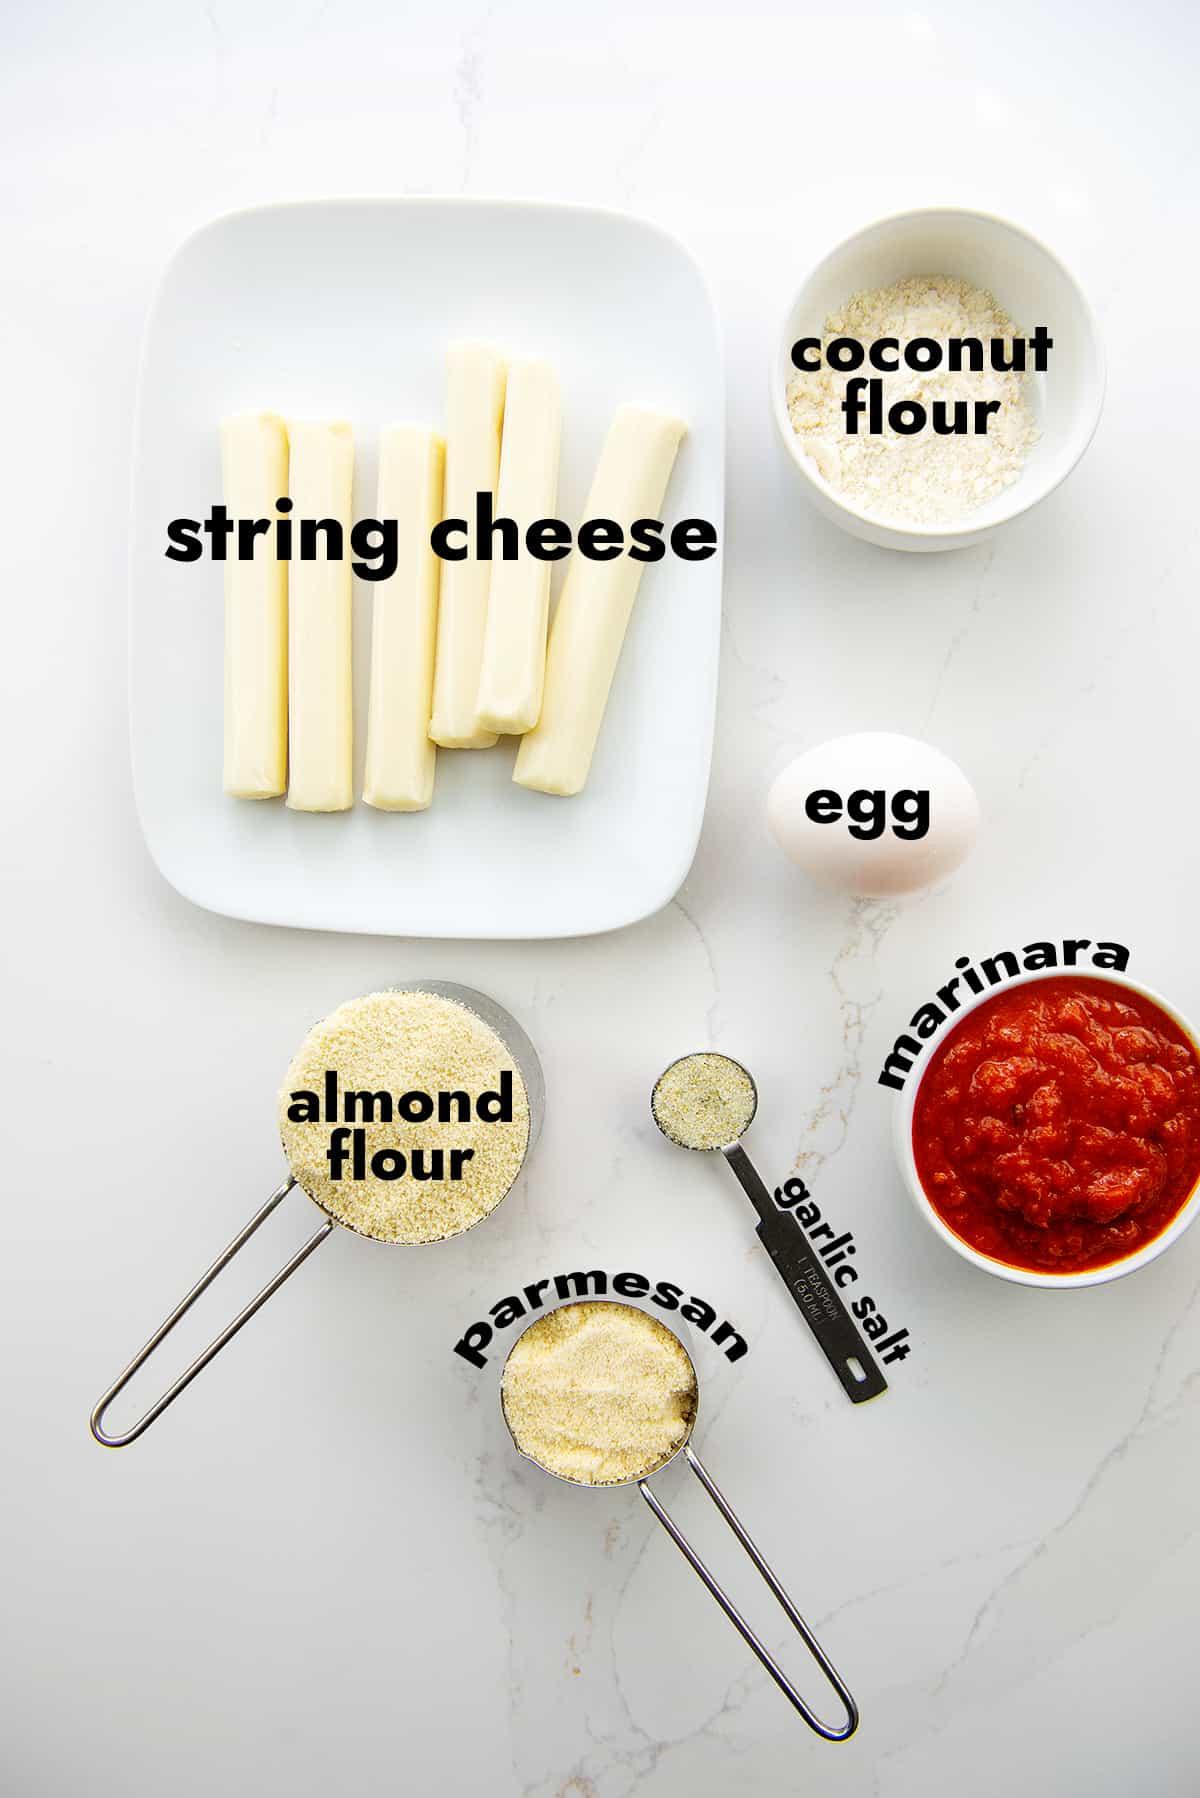 ingredients for mozzarella sticks on white counter.